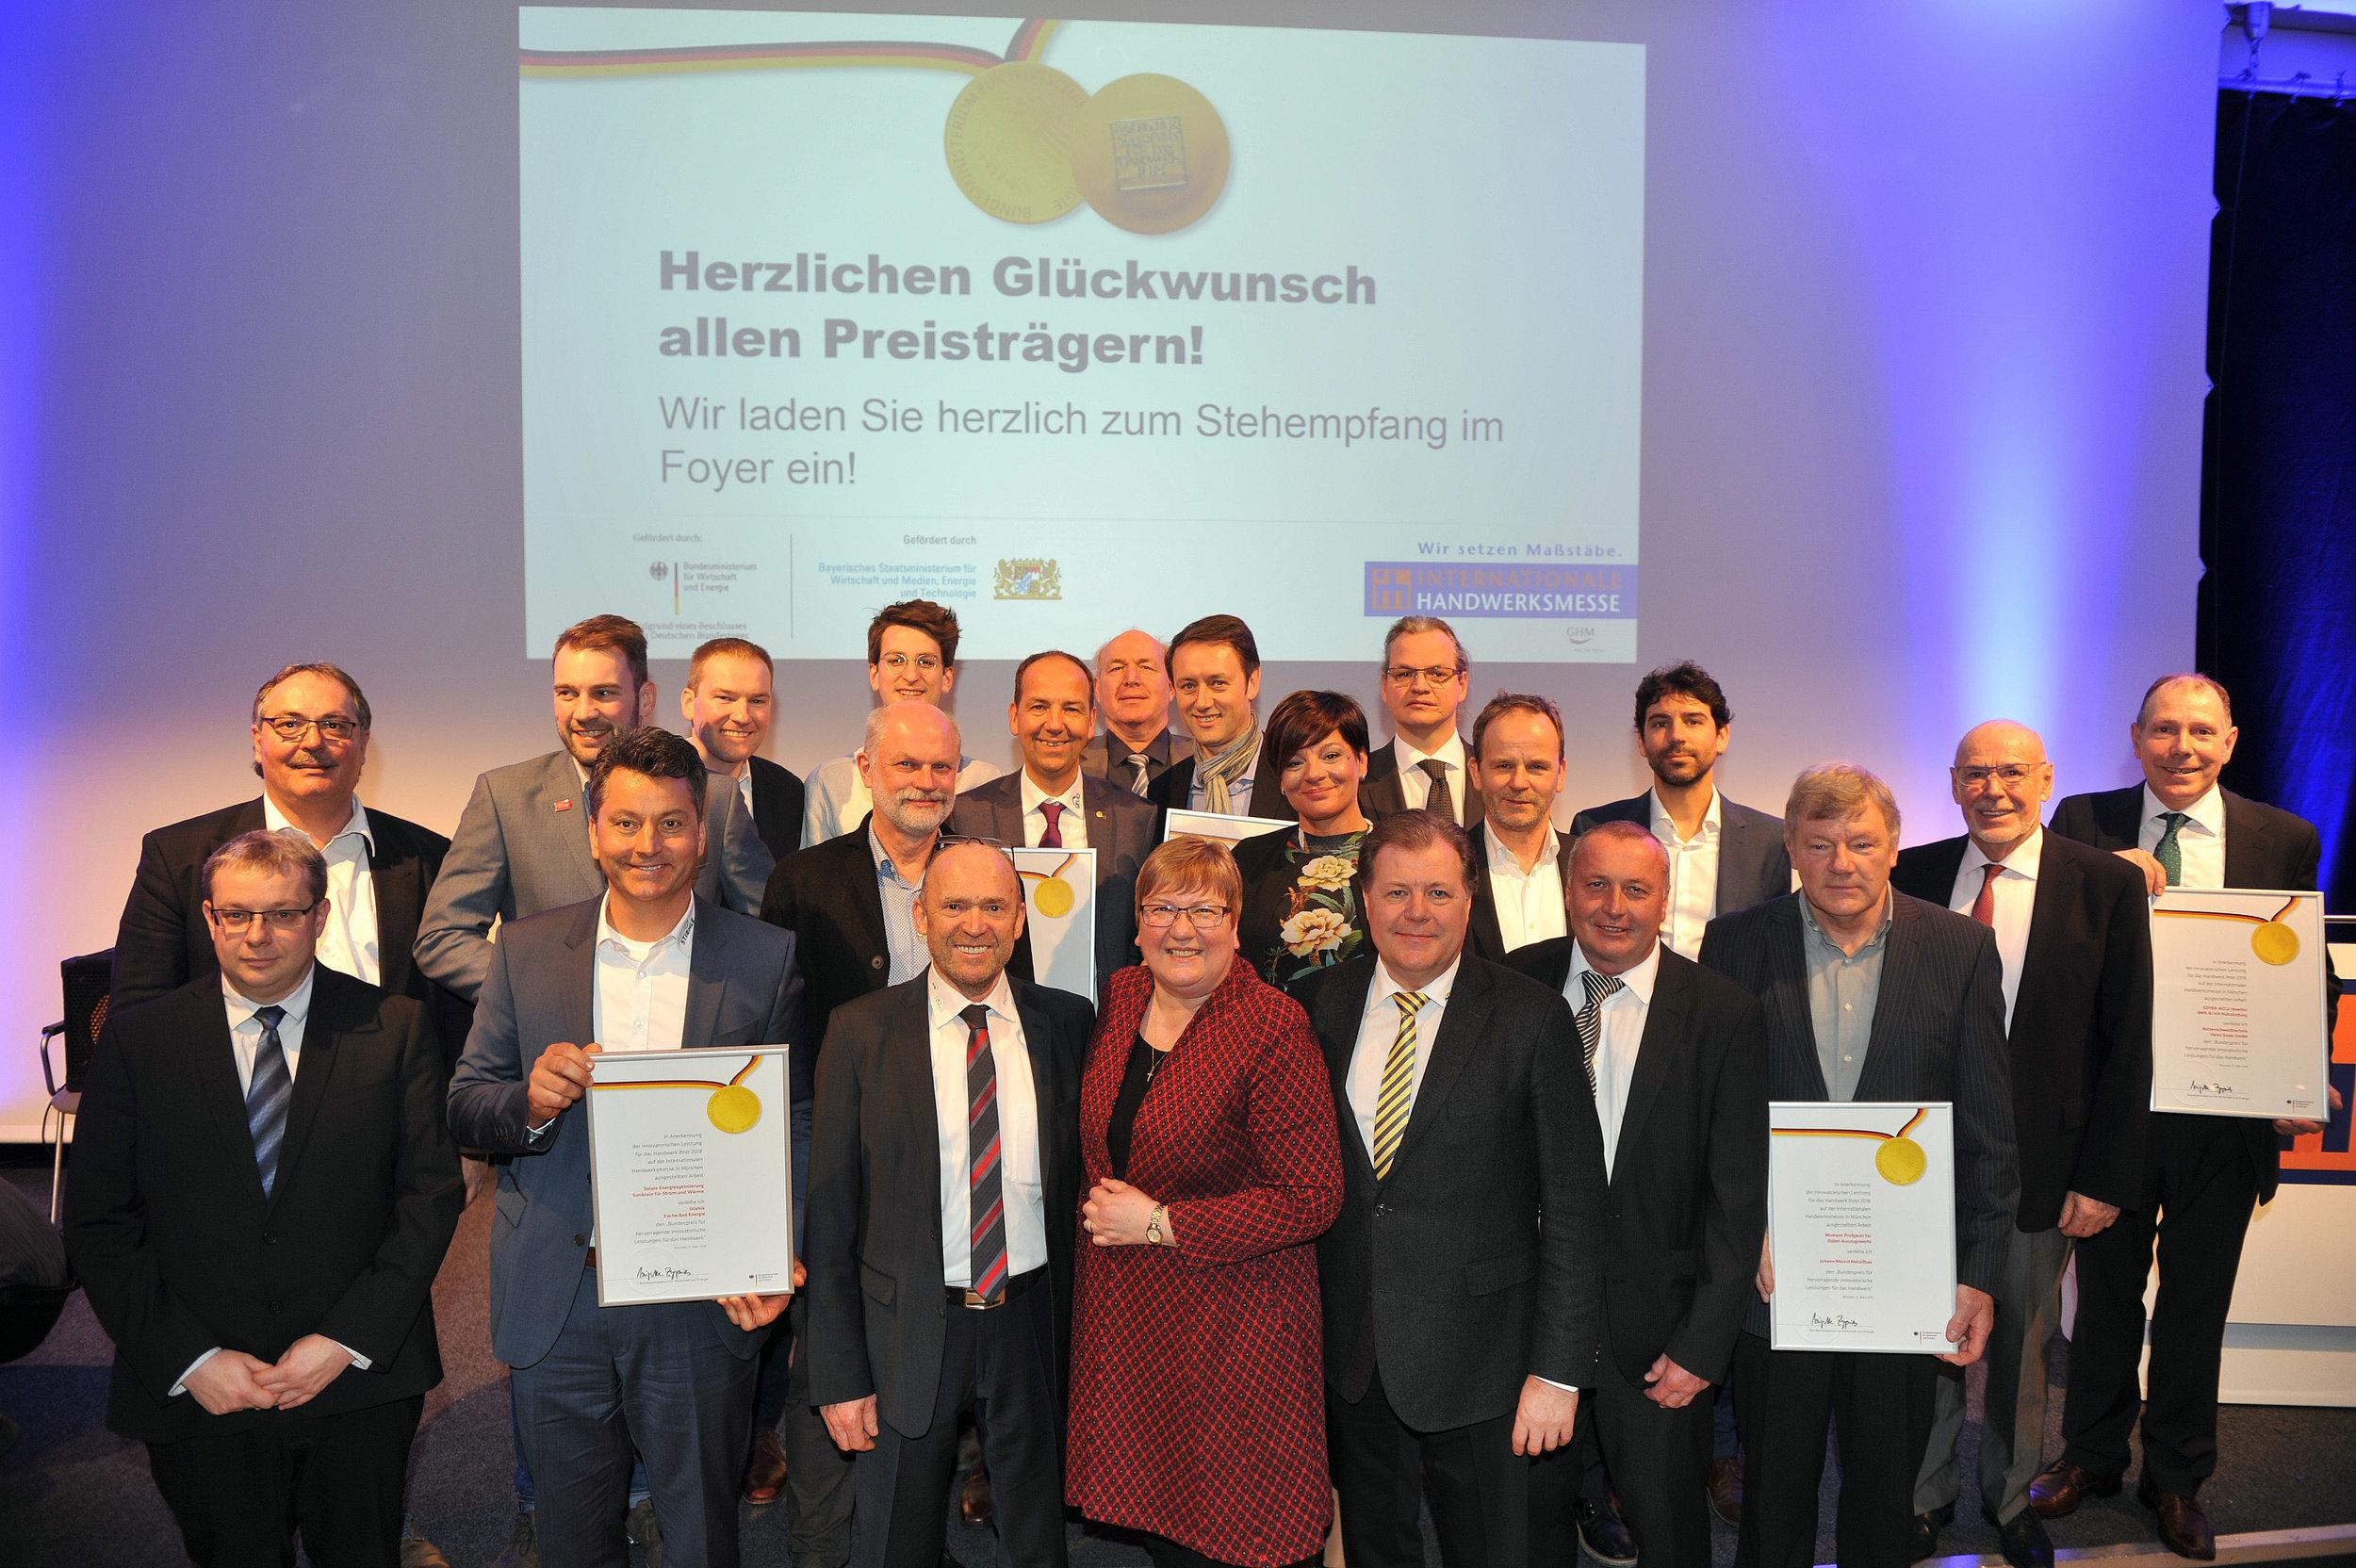 Bundespreis für hervorragende innovatorische Leistungen im Handwerk